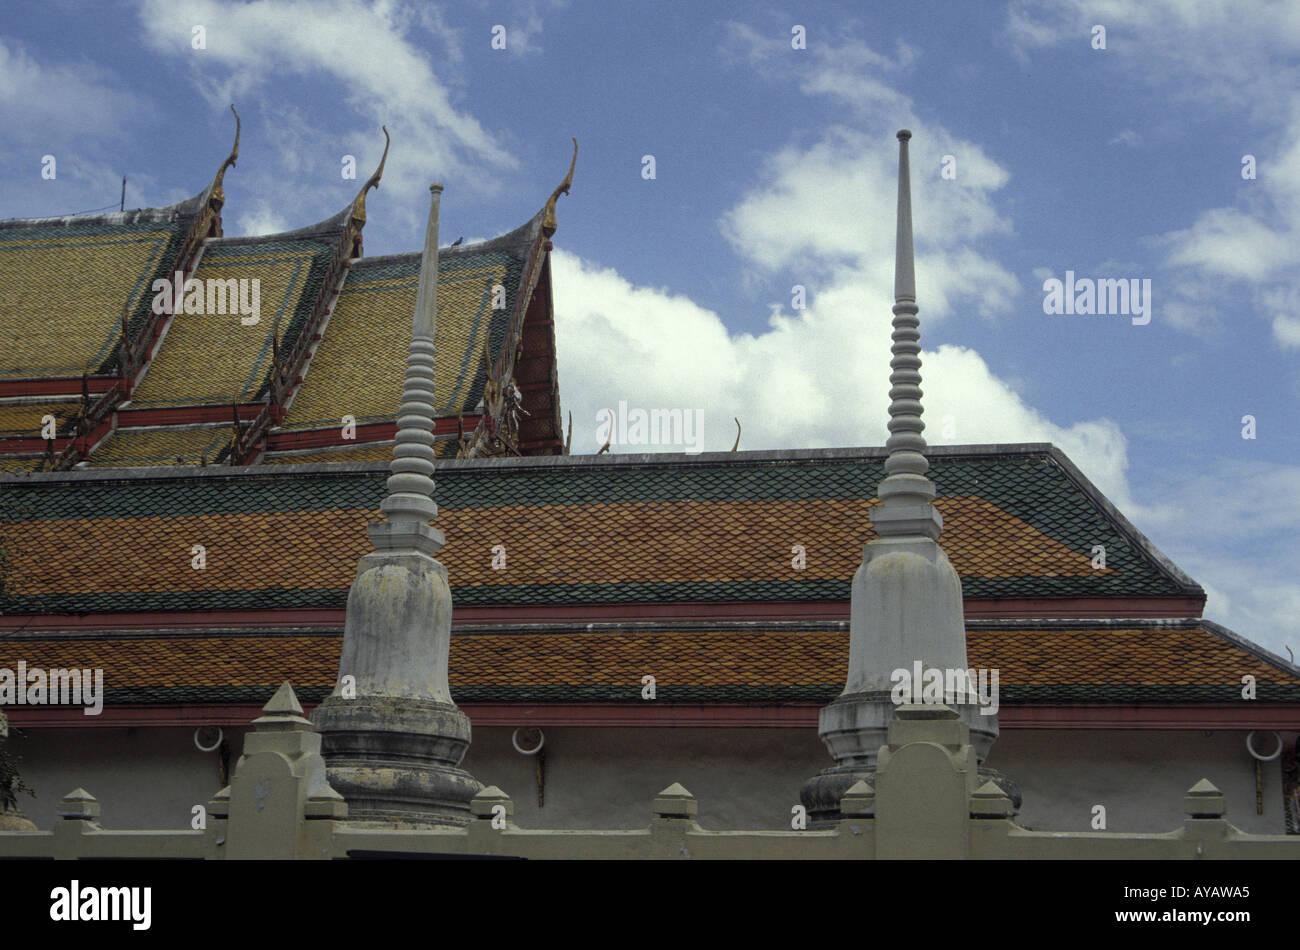 Architektur in Thailand - Stock Image